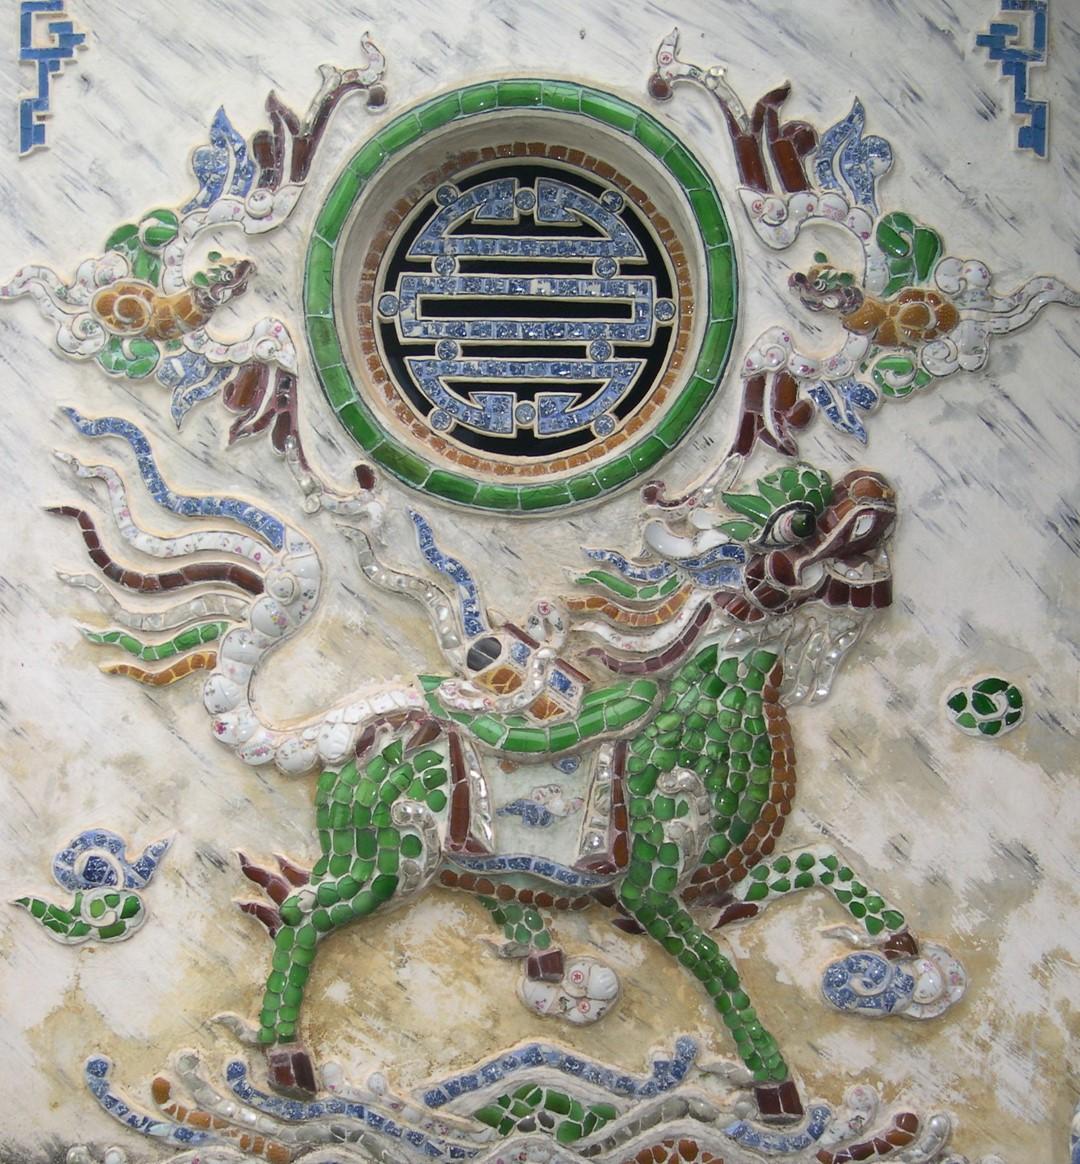 [Cổ vật tinh hoa: http://covattinhhoa.vn/] Đồ án Long mã và chữ Thọ trên tường đình làng Lại Thế, Huế. Ảnh: T.Đ.A.S.